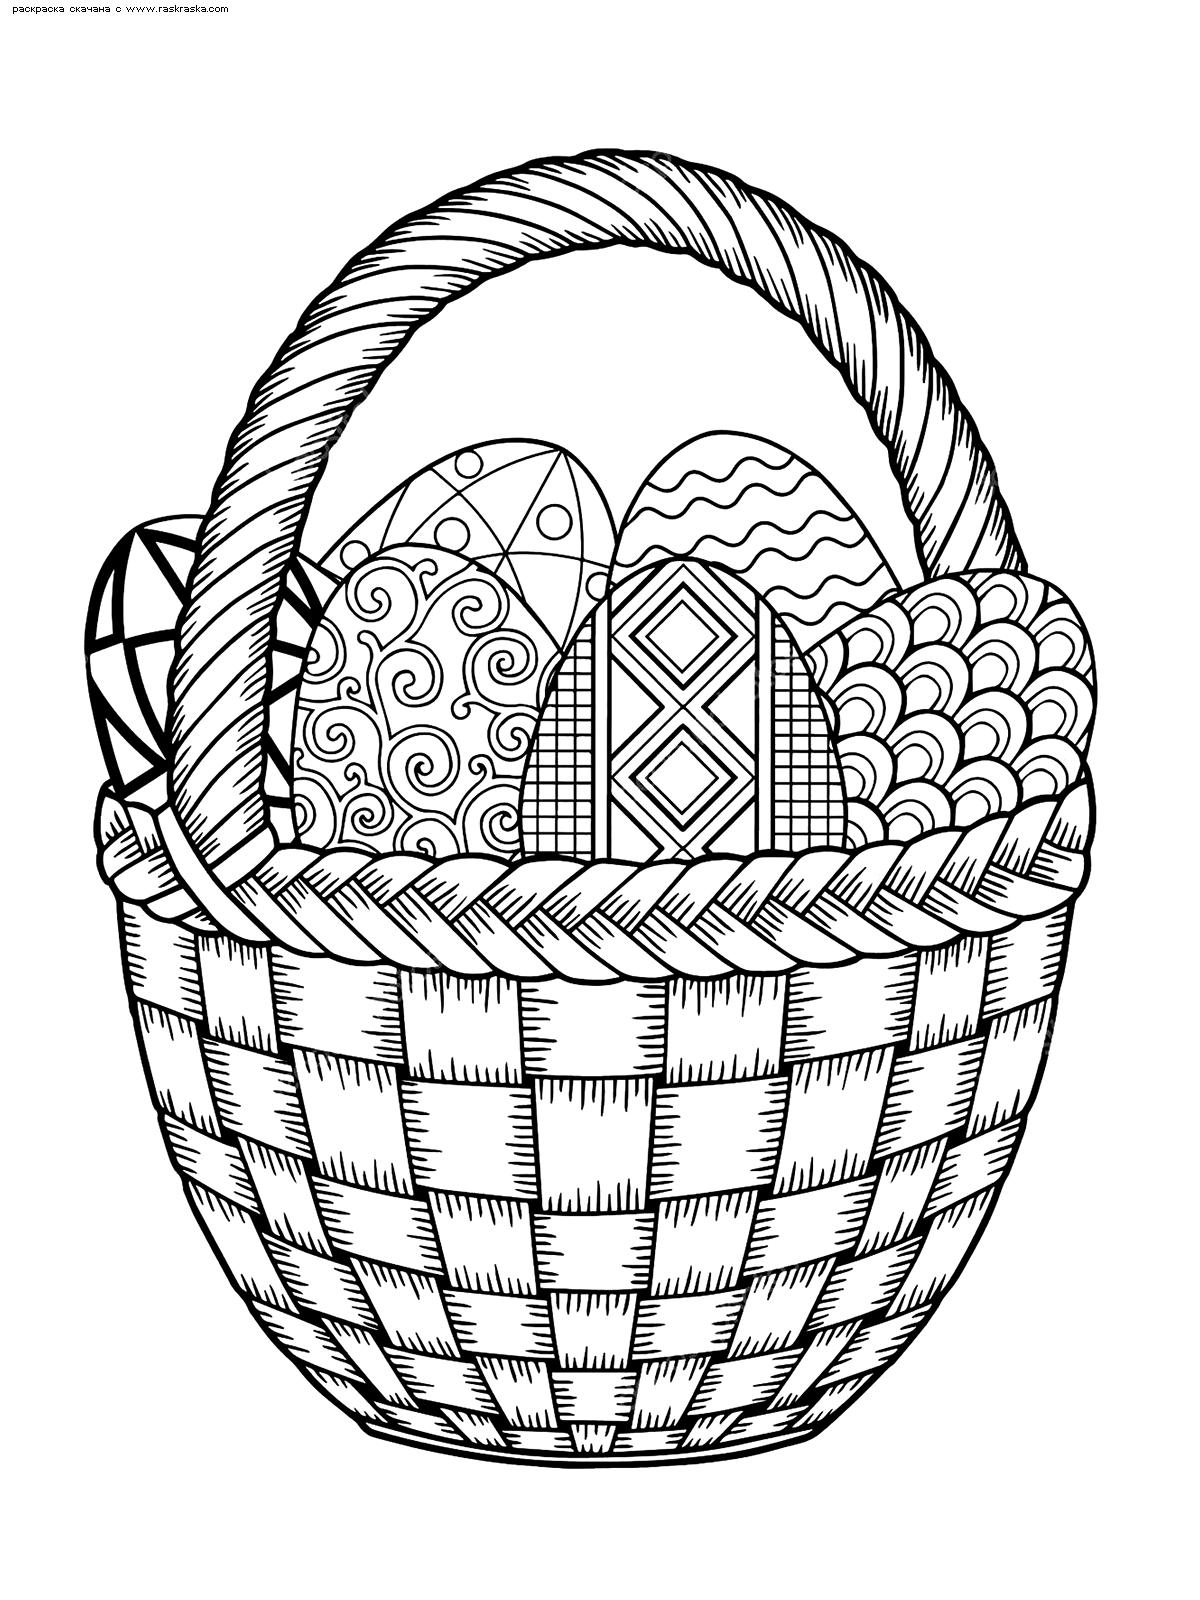 Раскраска Корзина с Пасхальными яйцами. Раскраска Пасха, яйца, корзина